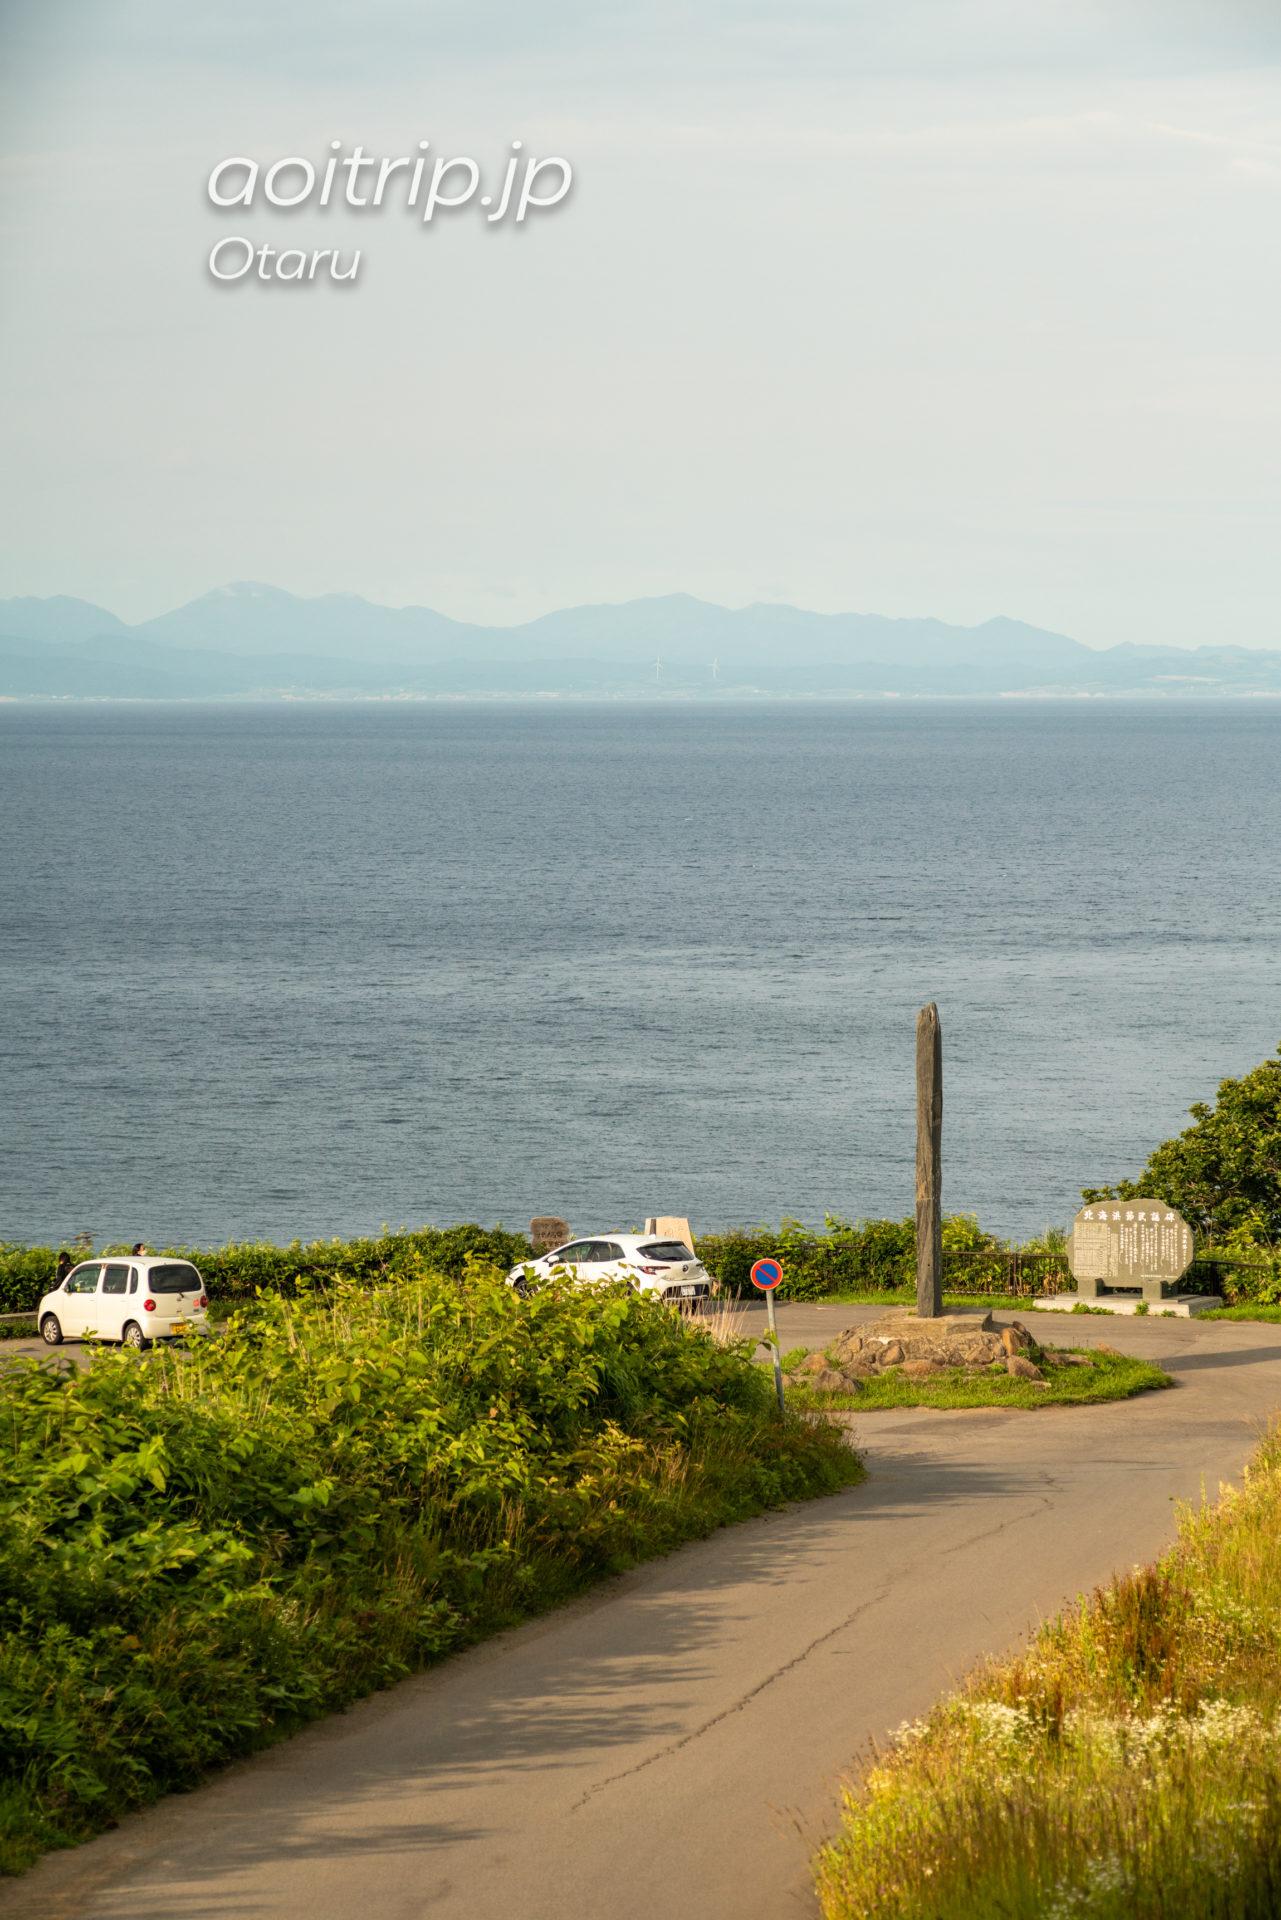 小樽祝津パノラマ展望台 Shukutsu Panorama Observation Deck, Otaru